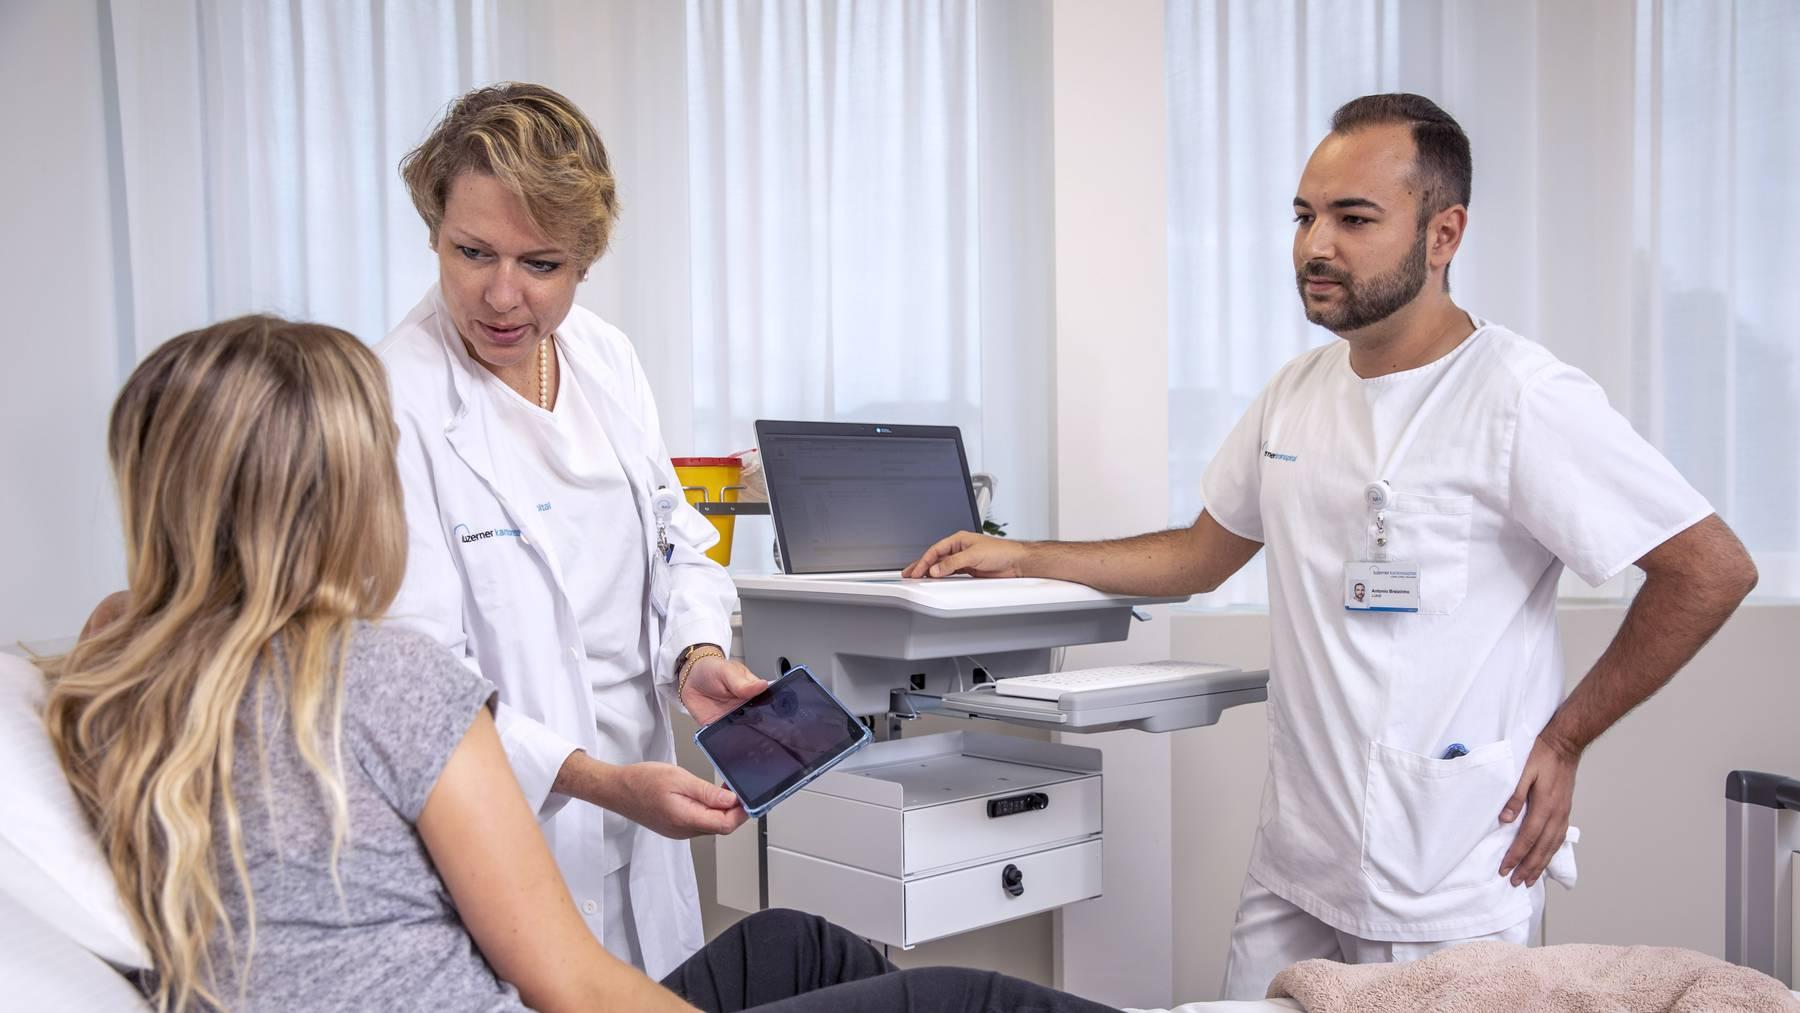 Luzerner Kantonsspital ersetzt digitale Insellösungen durch Klinikinformationssystem LUKiS.